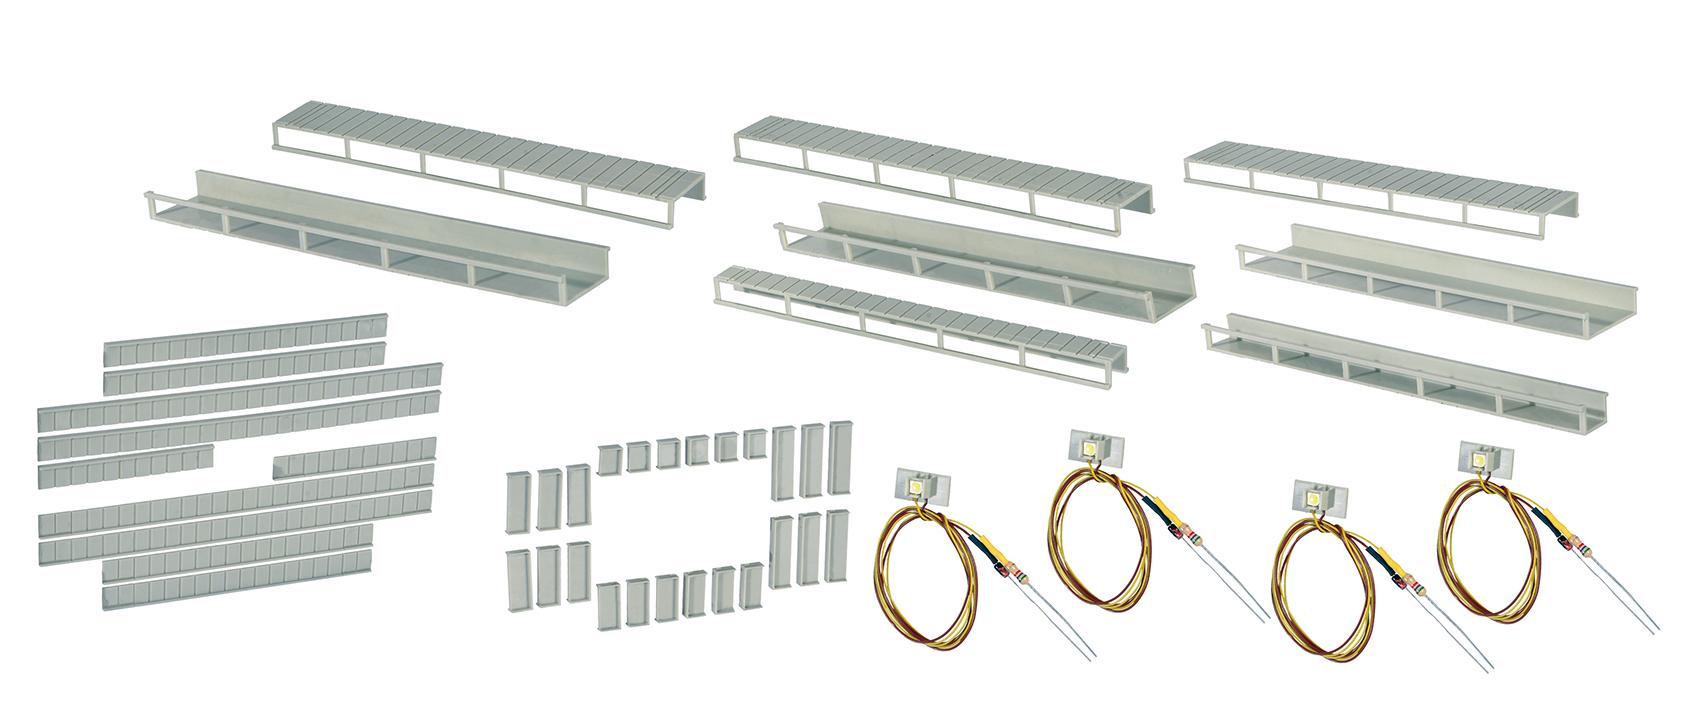 Viessmann 6045 <br/>Startset Etageninnenbeleuchtung, 8 Schienen,4 verschiedene Größen, 4 LEDs weiß